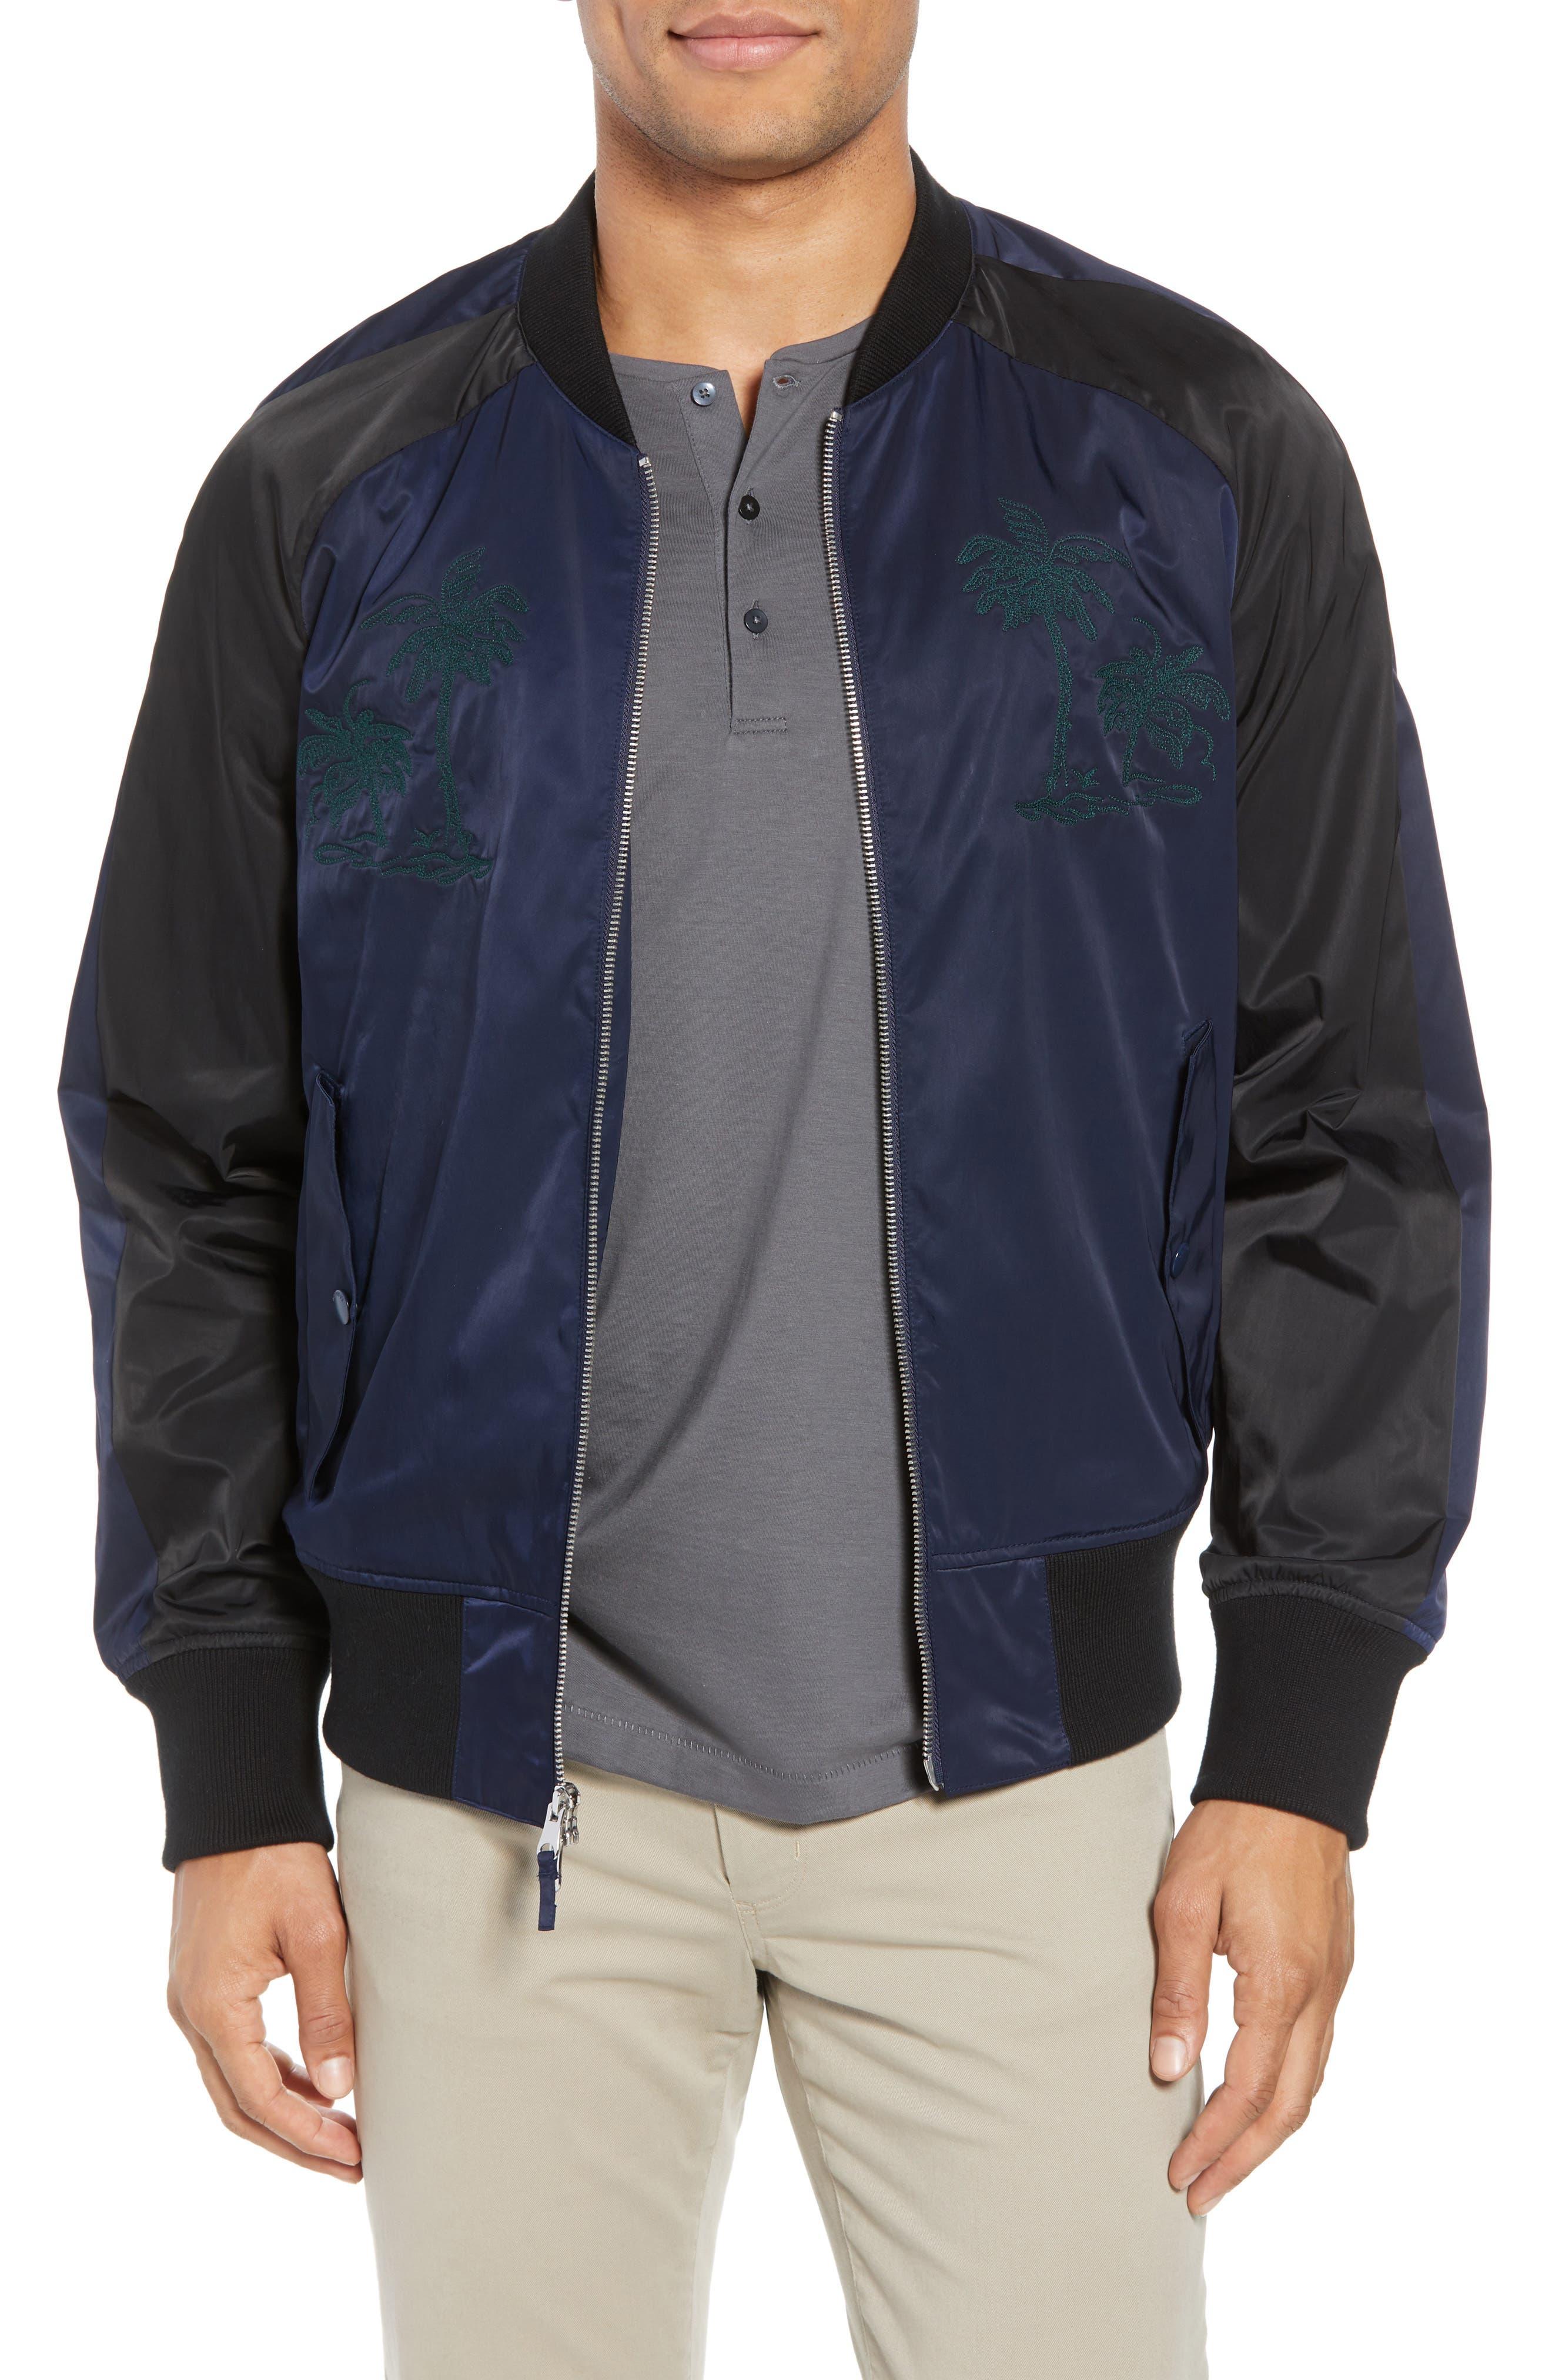 Souvenir Bomber Jacket,                         Main,                         color,